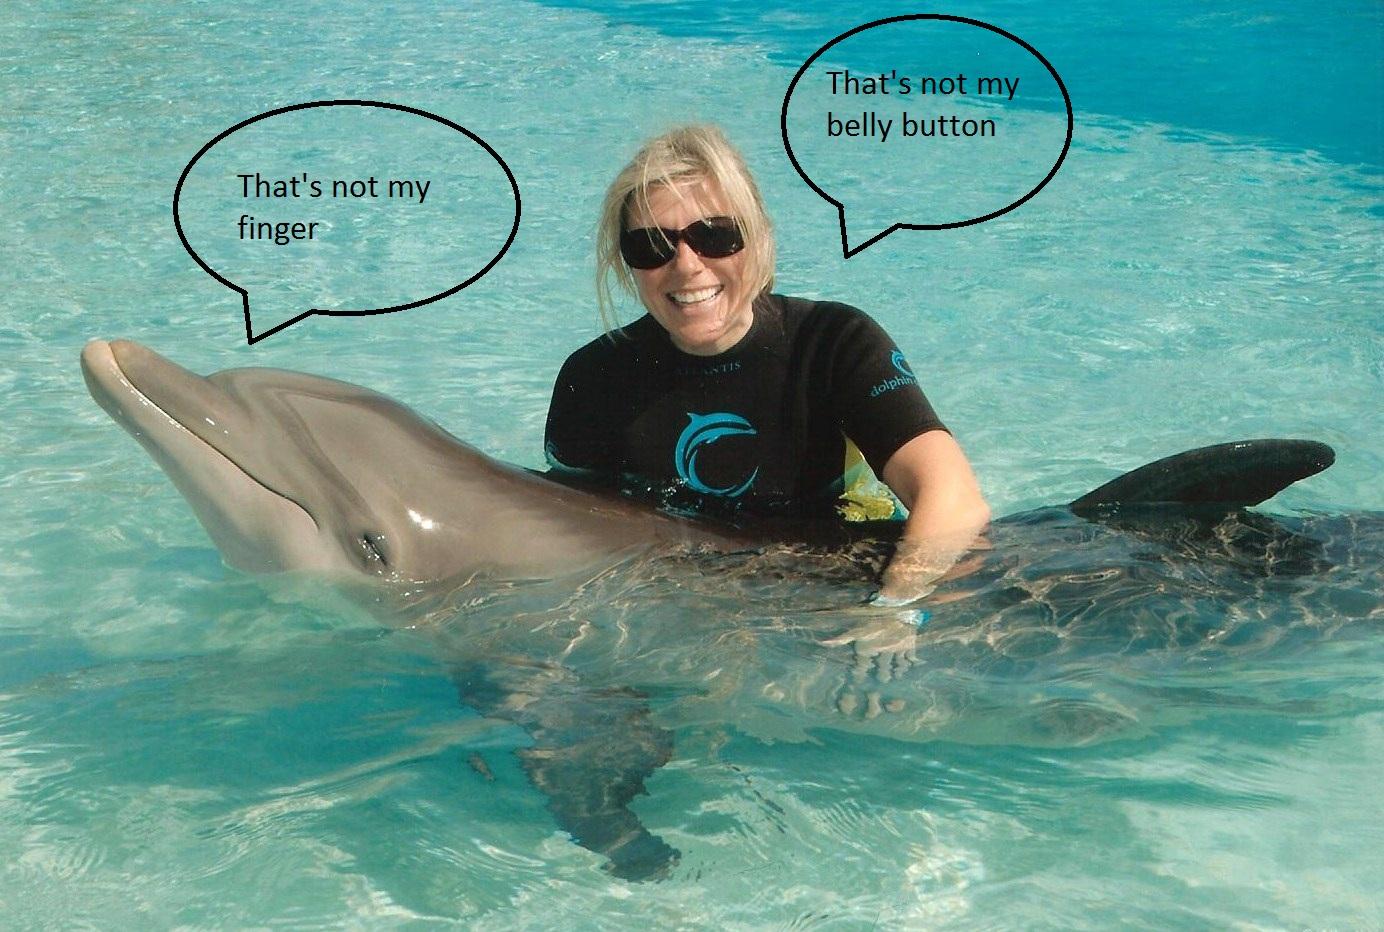 http://4.bp.blogspot.com/_rYrvQgT_I7c/TPmfWoW7xwI/AAAAAAAAA6A/w4o_nEBiiJw/s1600/Dolphin%2B2%2Bdirty.jpg